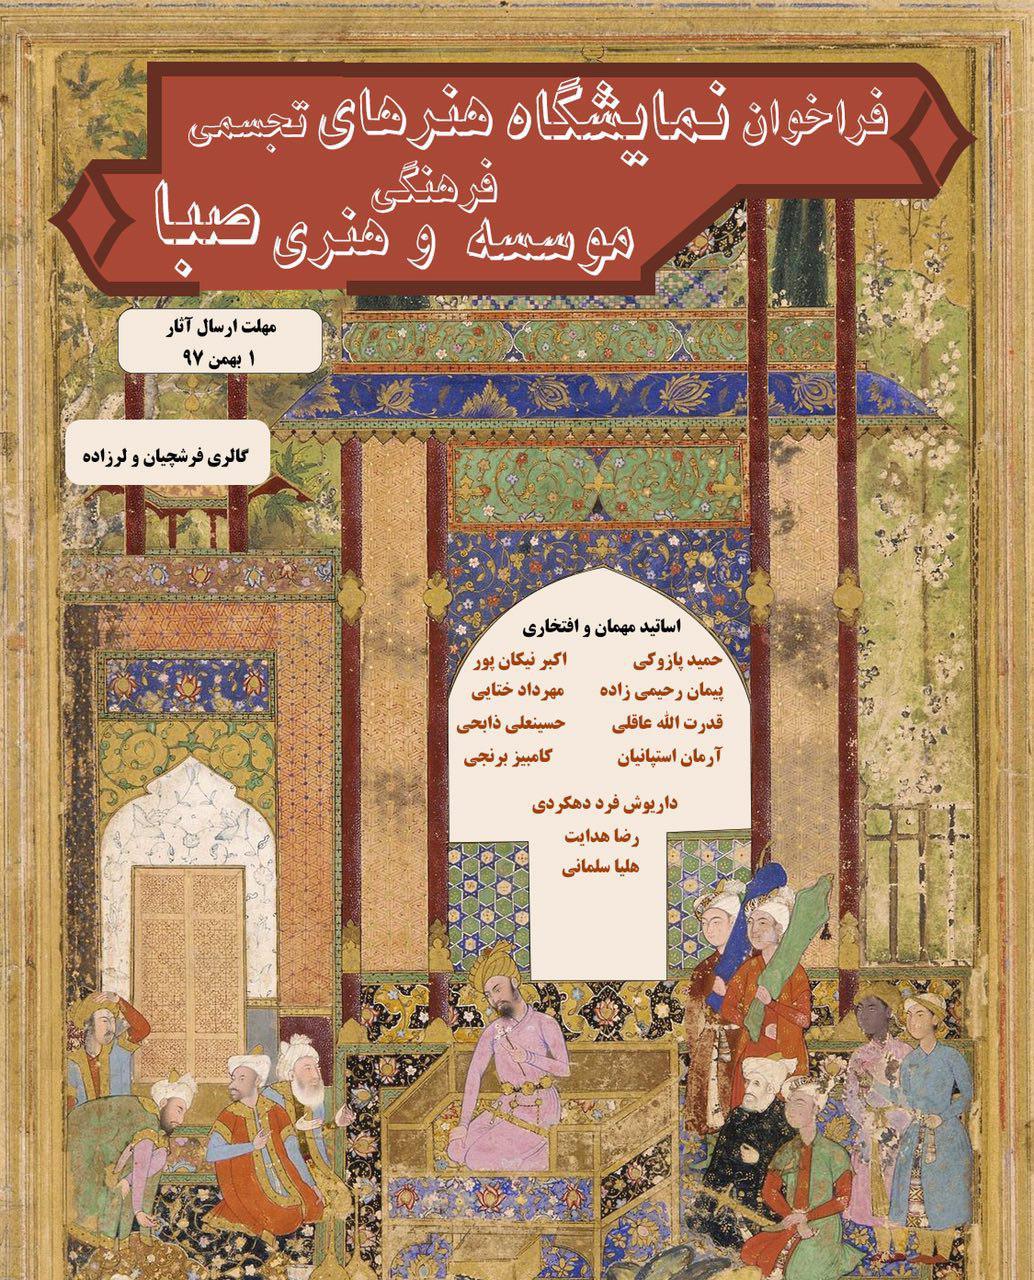 فراخوان نمایشگاه گروهى در موسسه فرهنگی هنری صبا، گالرى فرشچیان و لرزاده